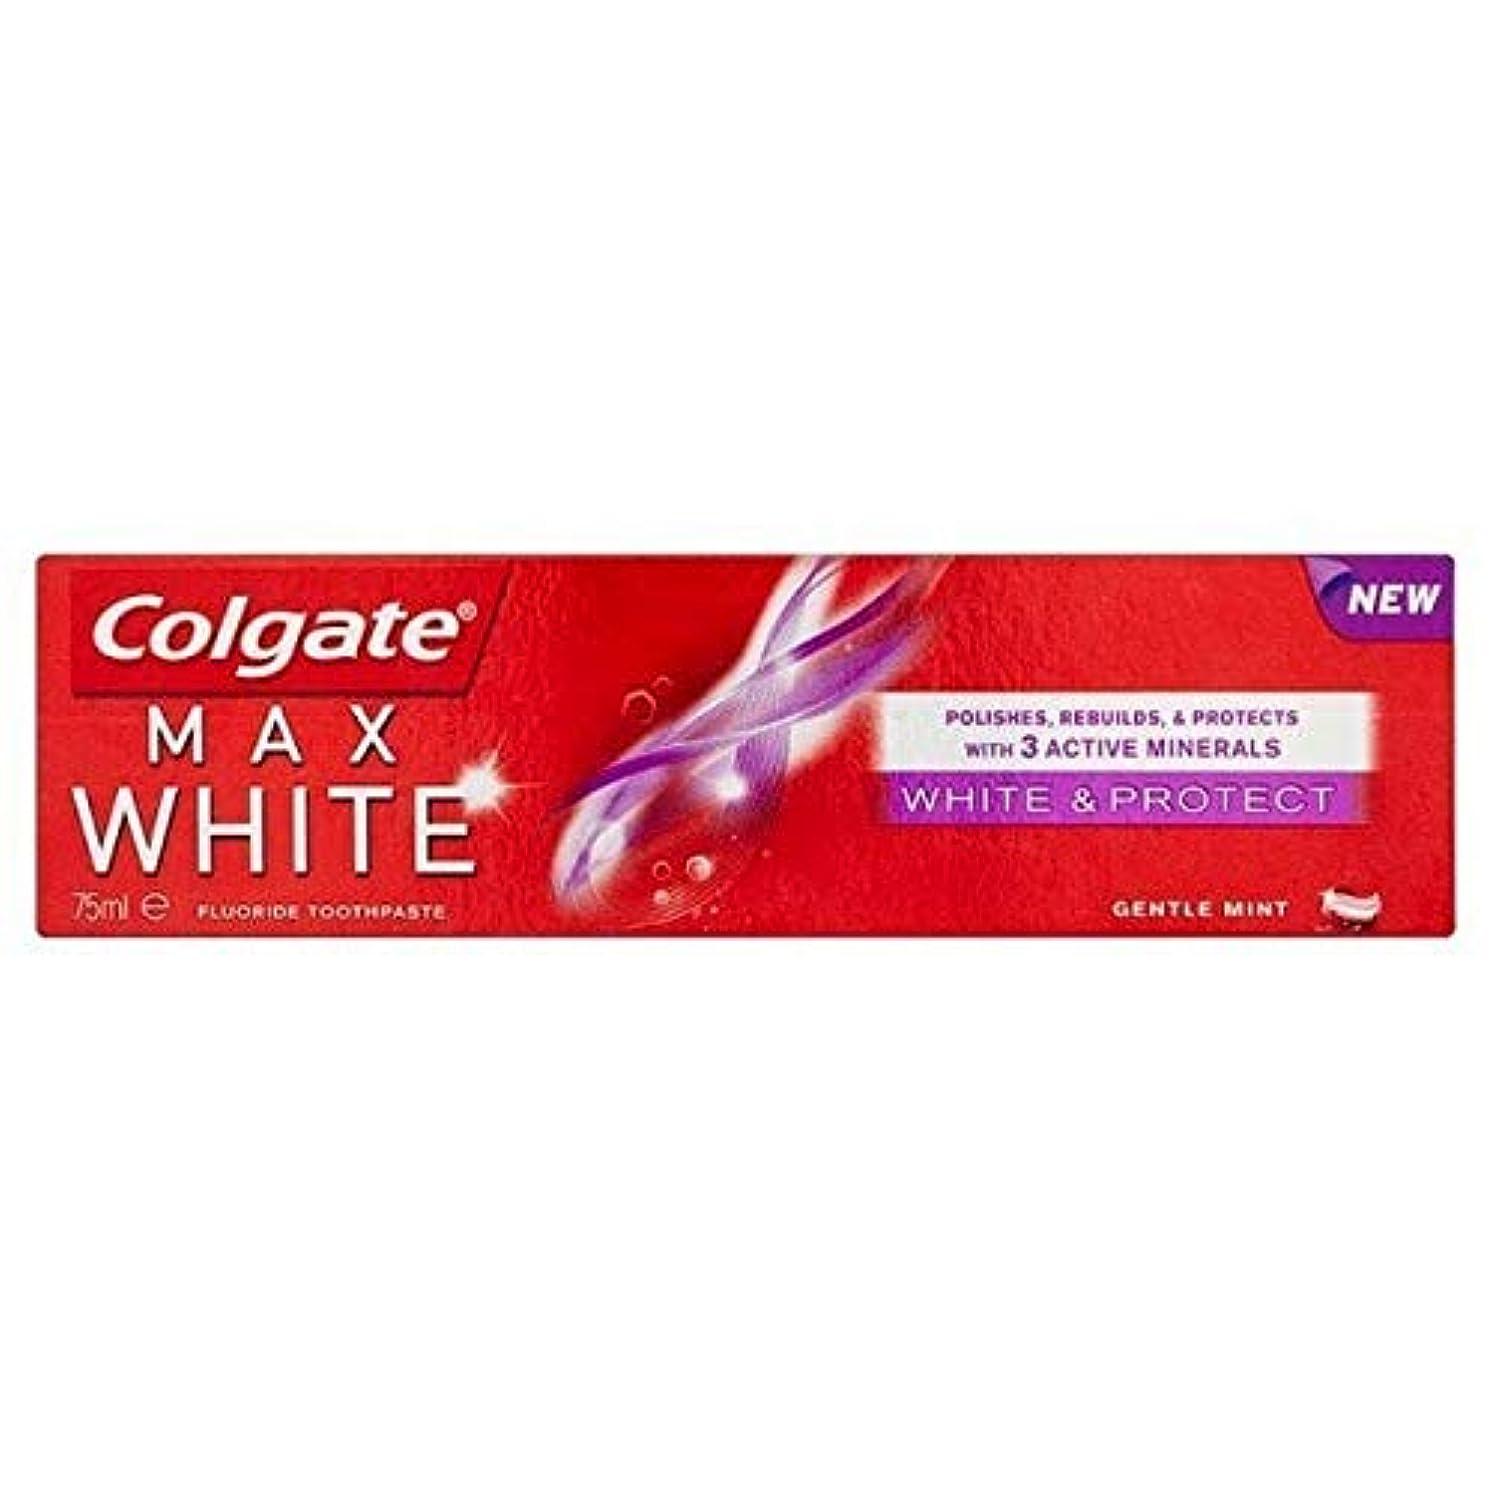 忠実に心のこもったシリング[Colgate ] コルゲートマックスホワイトホワイトニング&歯磨き粉75ミリリットルを保護 - Colgate Max White Whitening & Protect Toothpaste 75ml [並行輸入品]